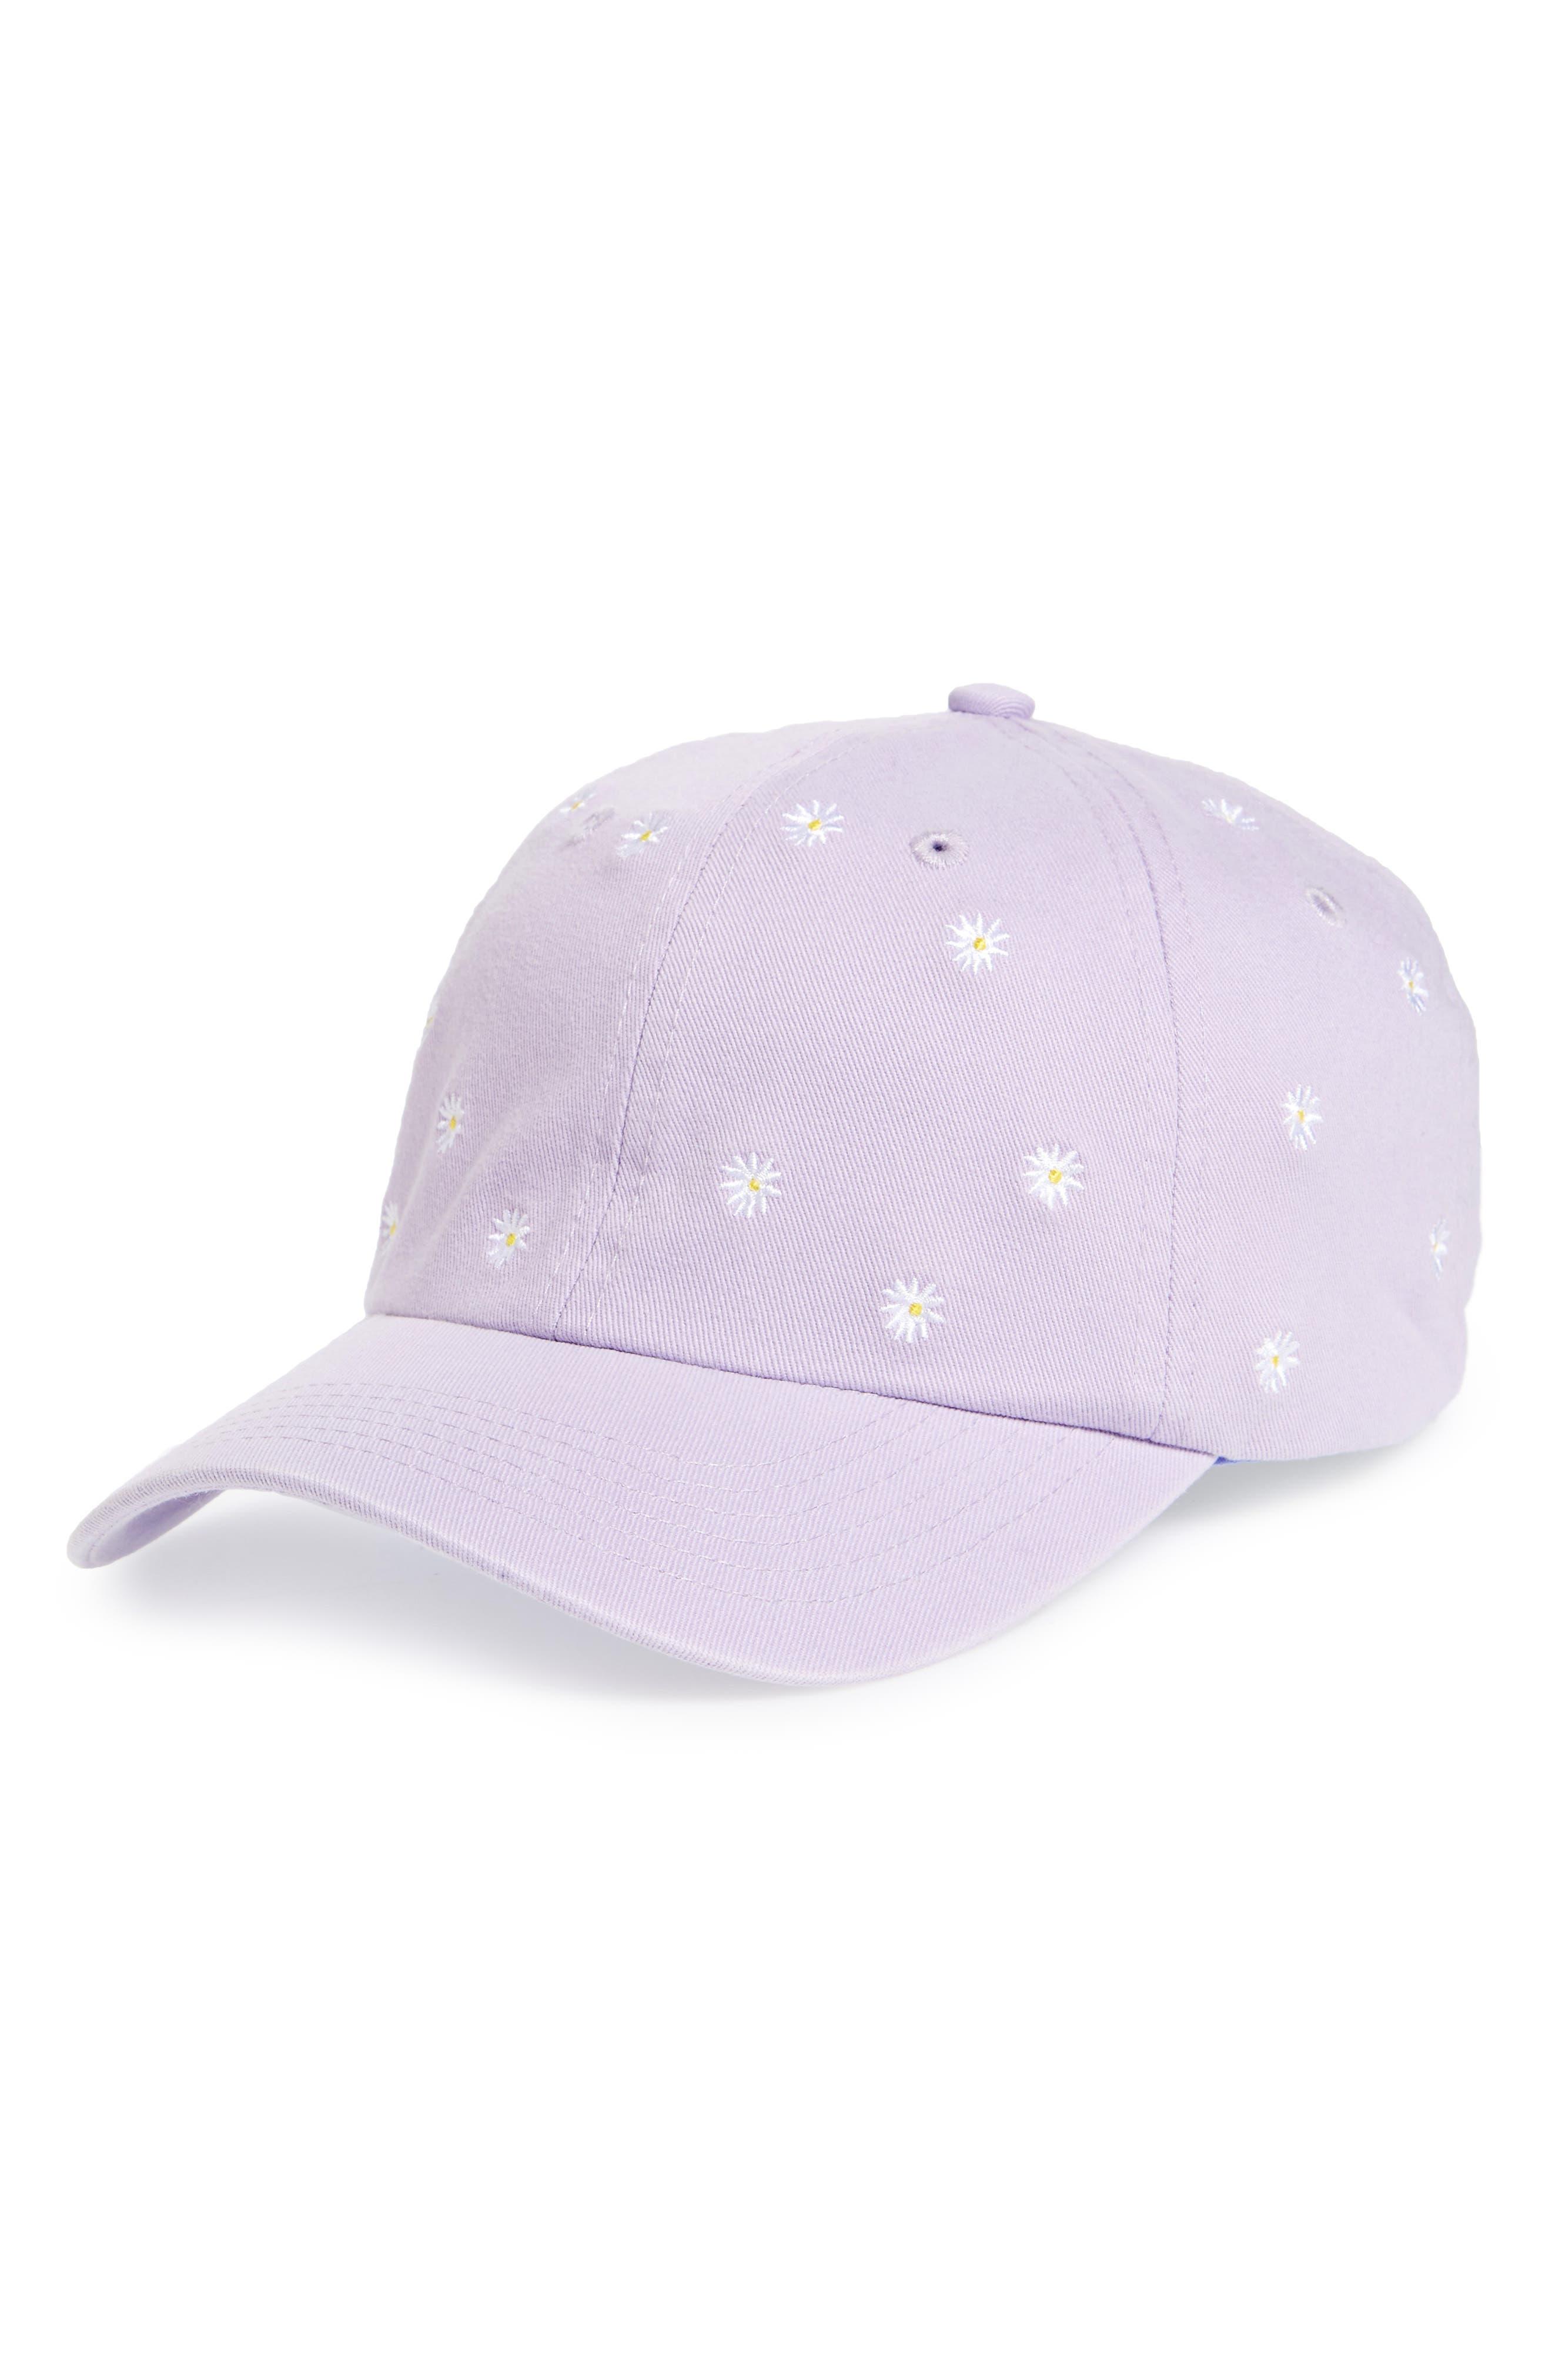 TOPSHOP Daisy Baseball Cap